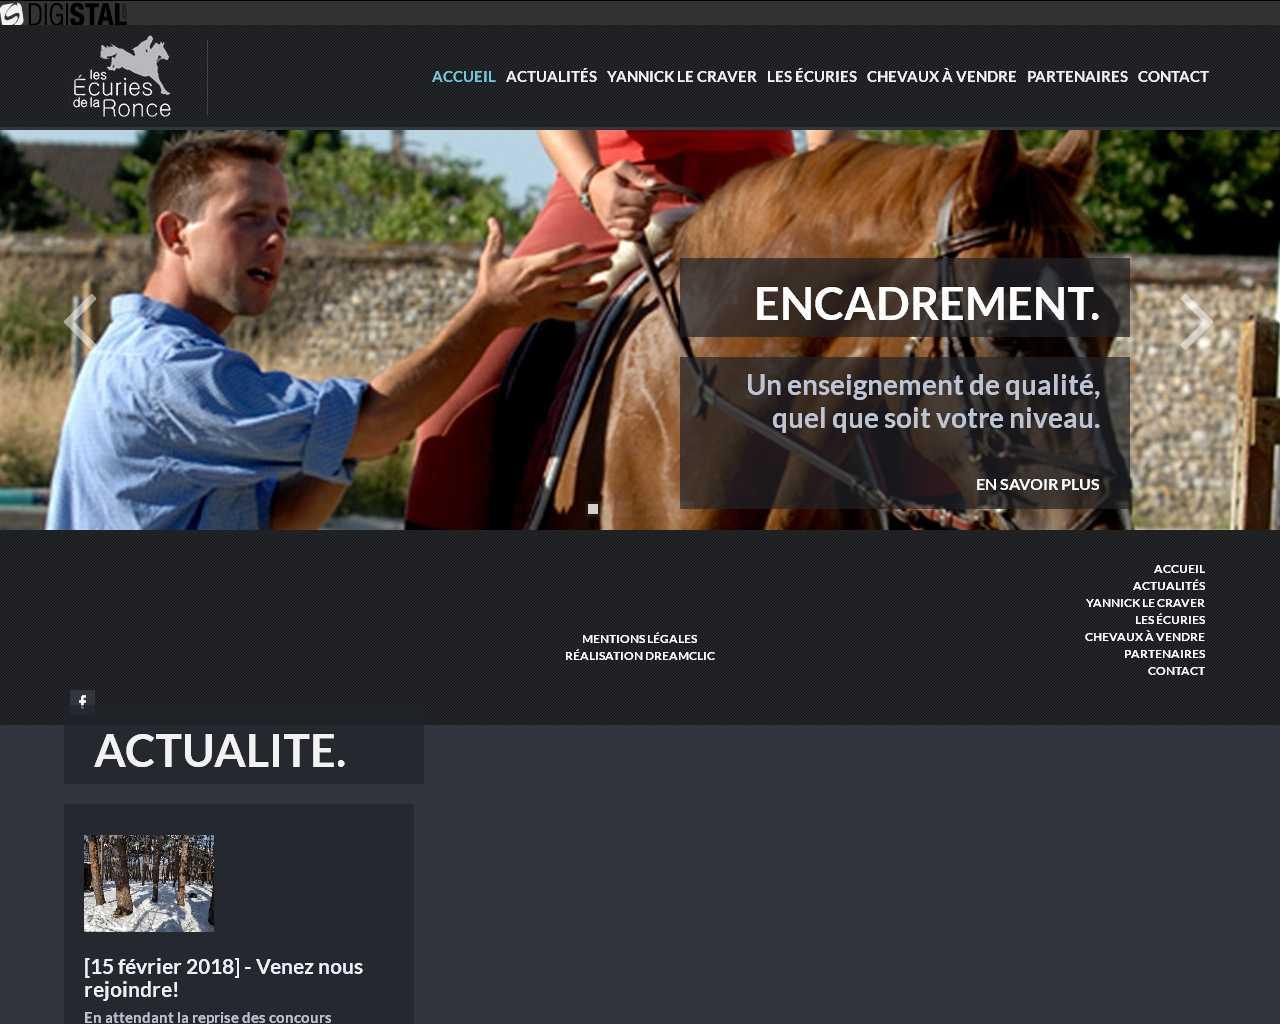 Visuel du site Ecuries de la Ronce